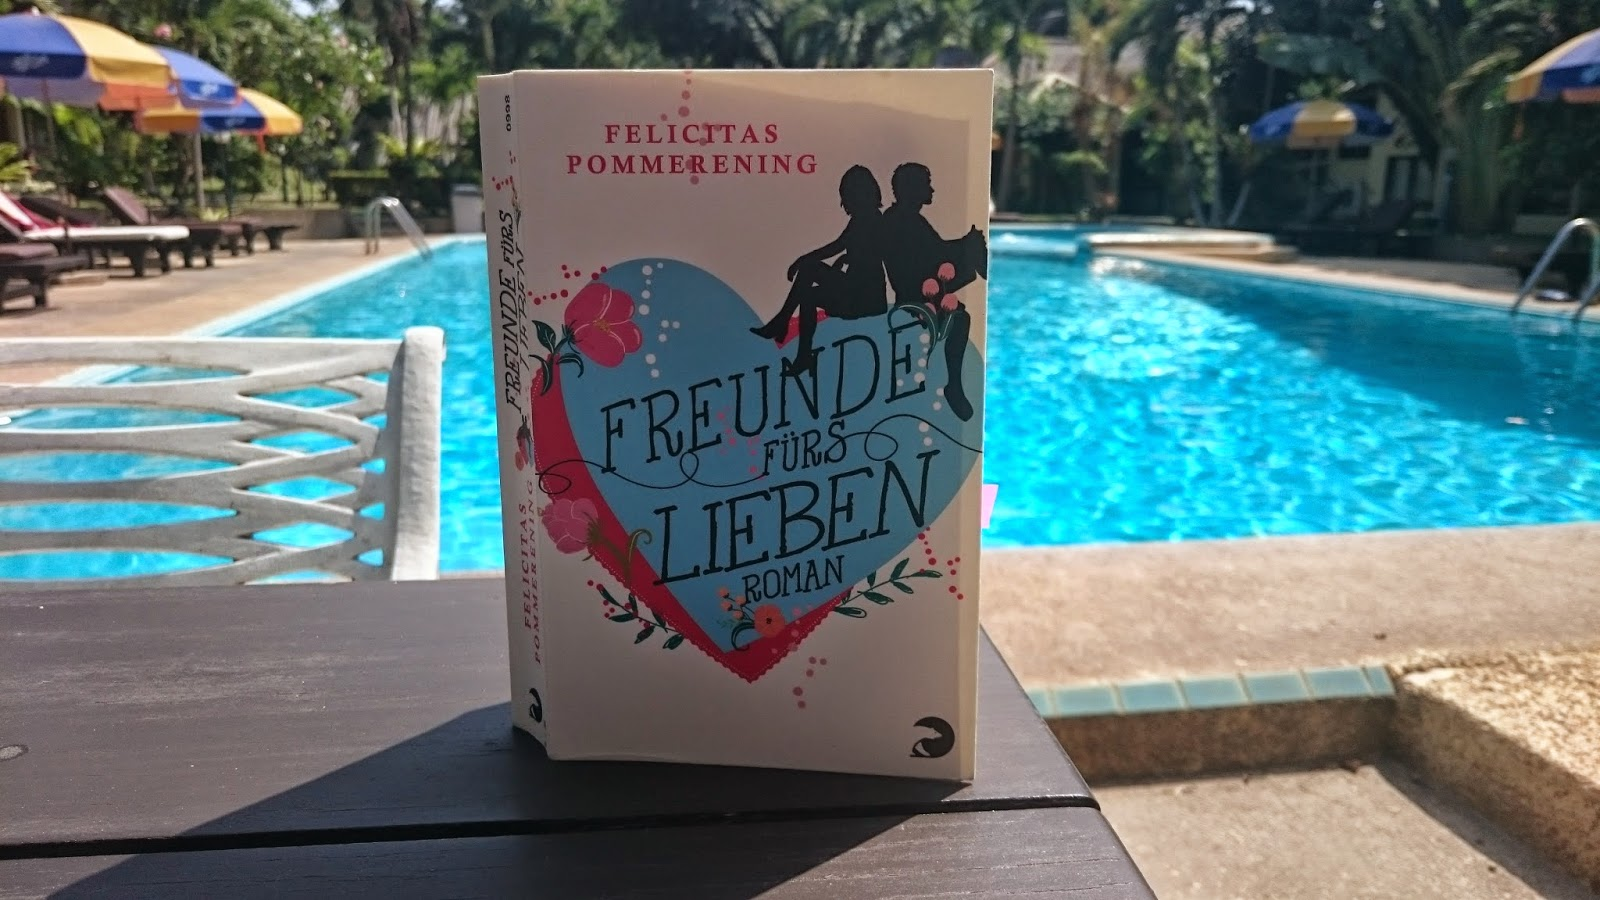 Felicitas Pommerening - Freunde fürs Lieben